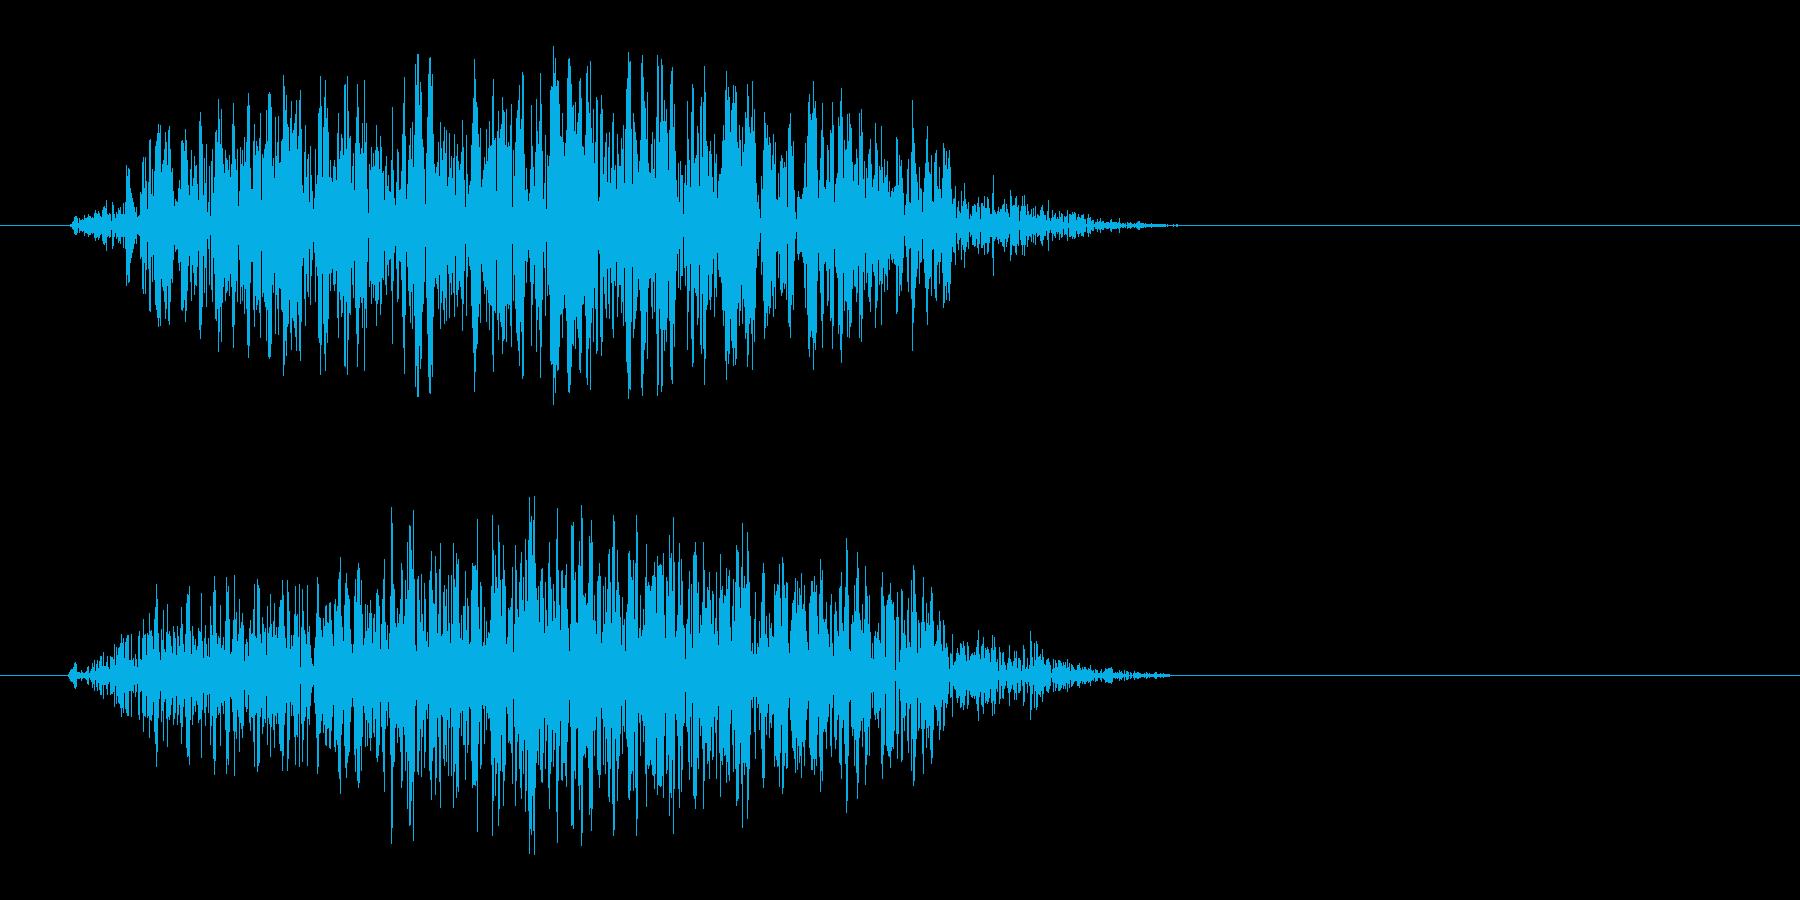 勢いよく空気が抜けるエアー音の再生済みの波形